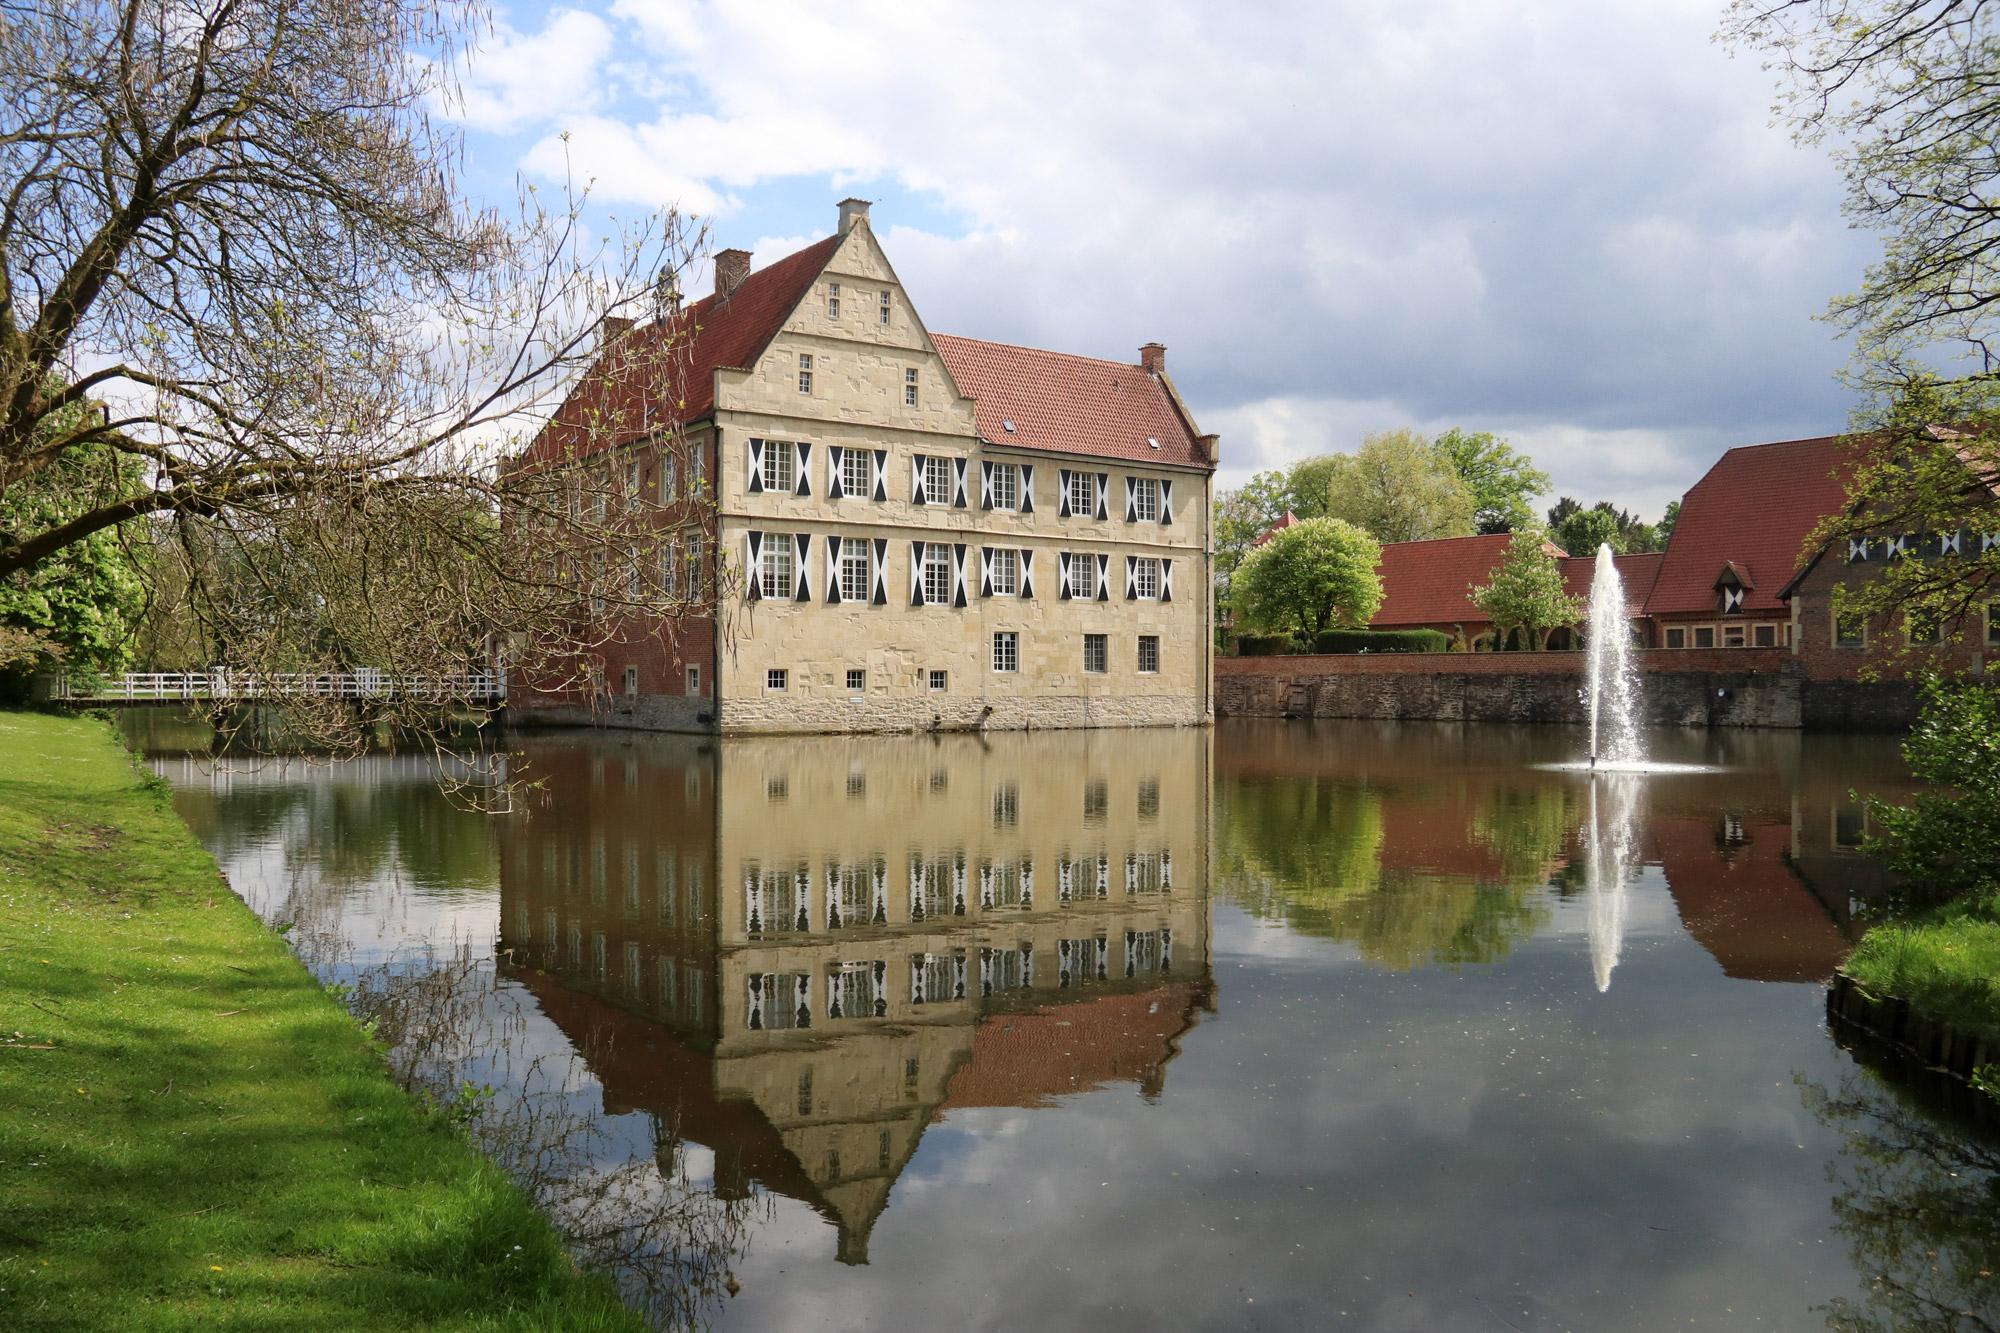 Mooiste reisfoto's 2018 0- Burg Hulshoff